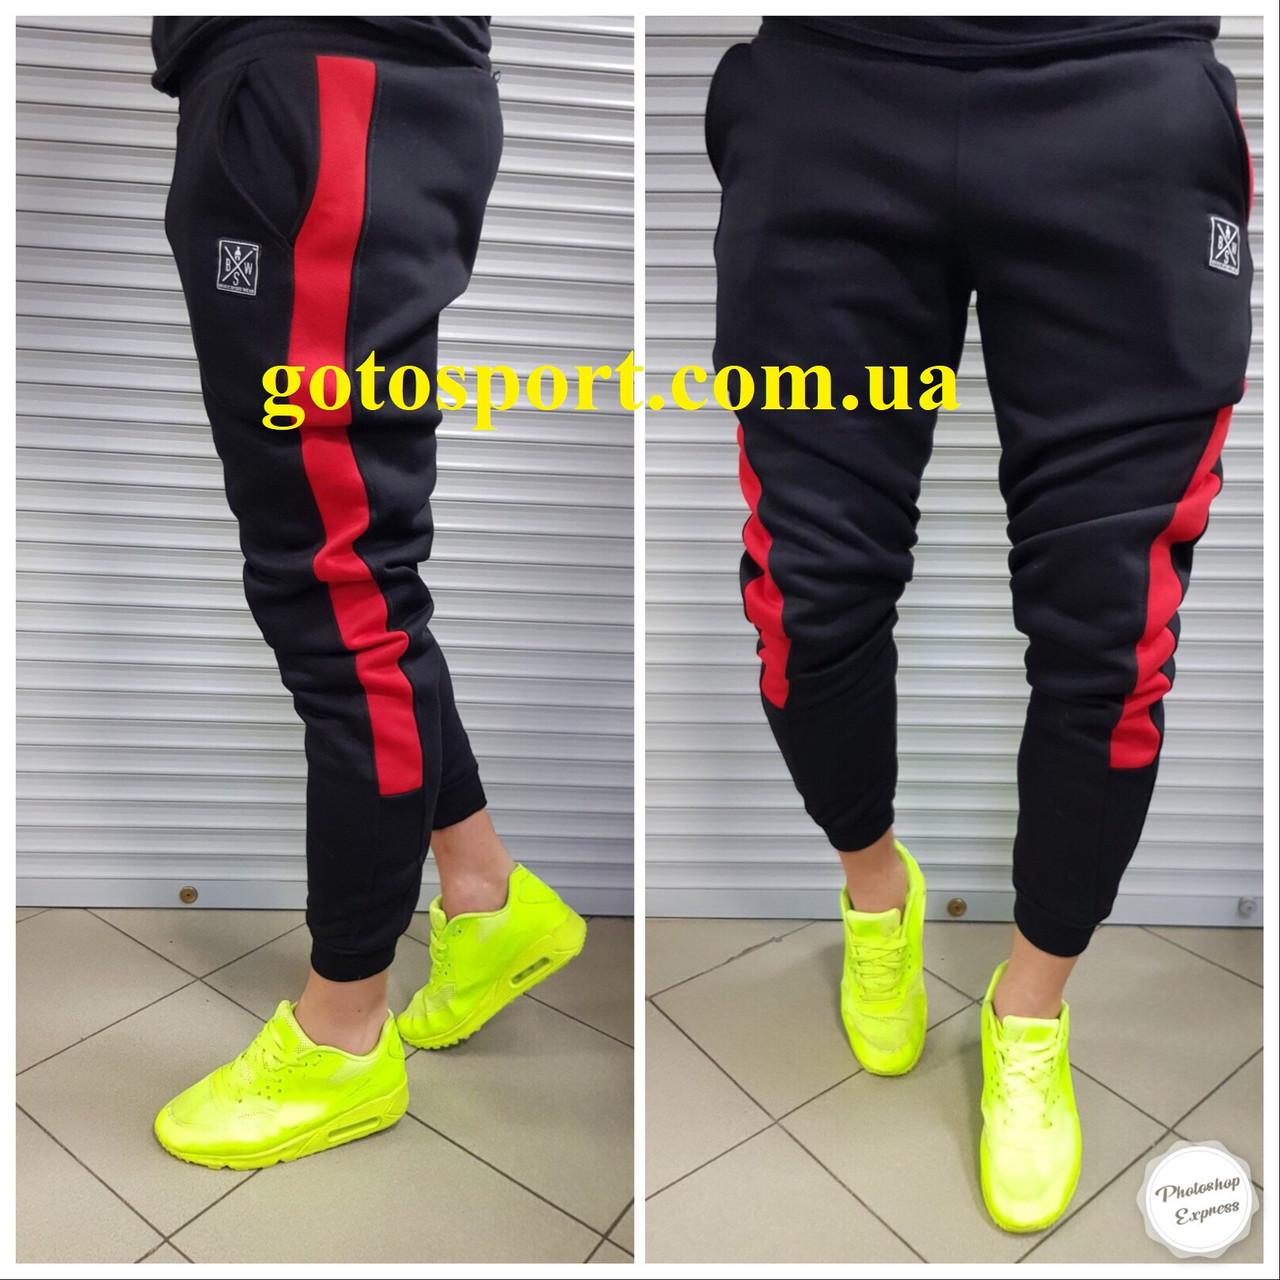 Теплые мужские спортивные штаны Brave Gotosport